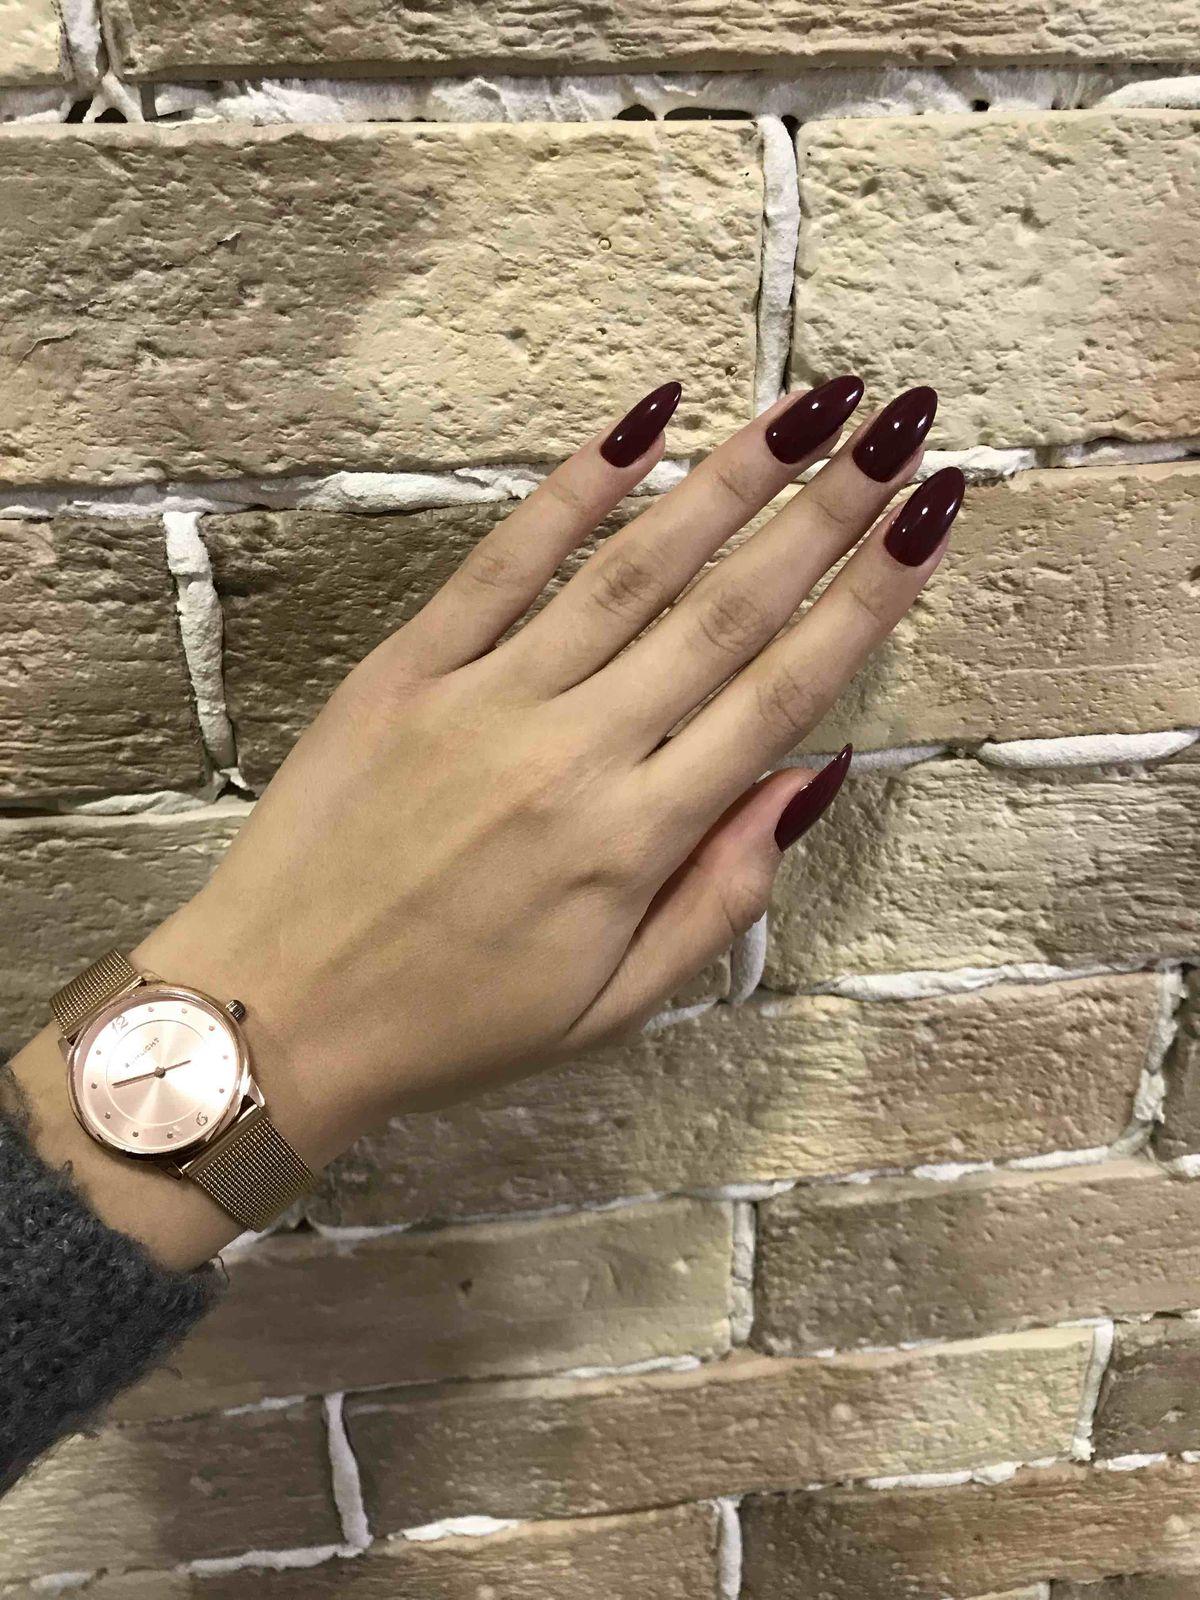 Очень красивые и изящные часы. Подойдут почти к любой одежде.